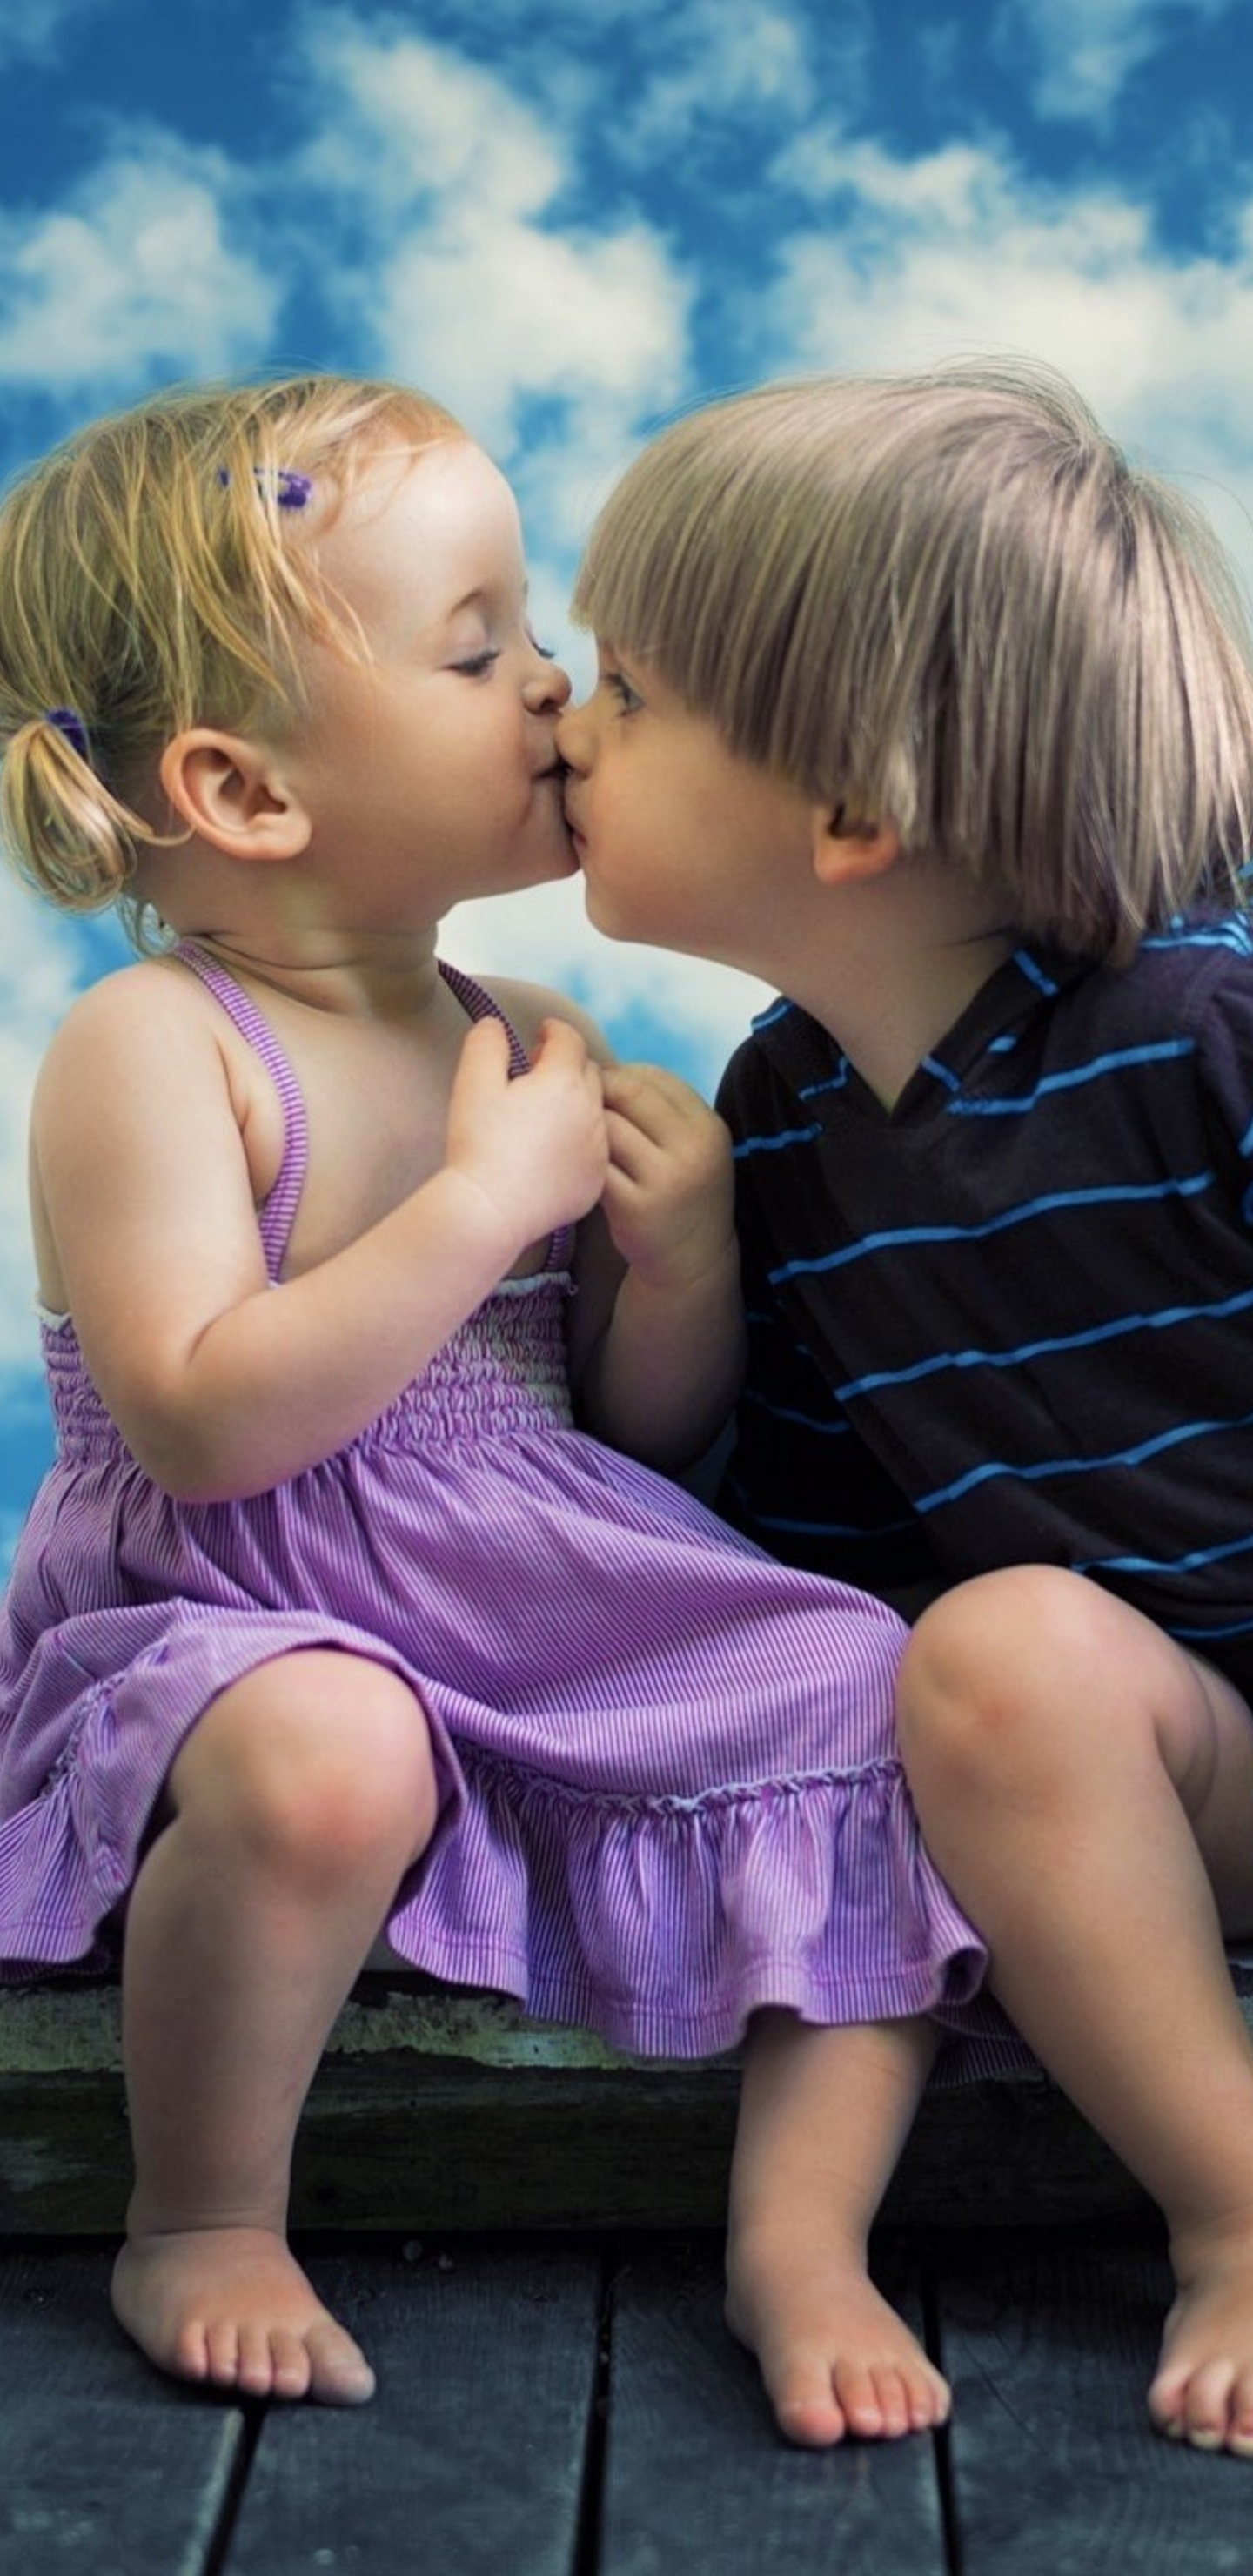 little boy little girl cute kiss oe